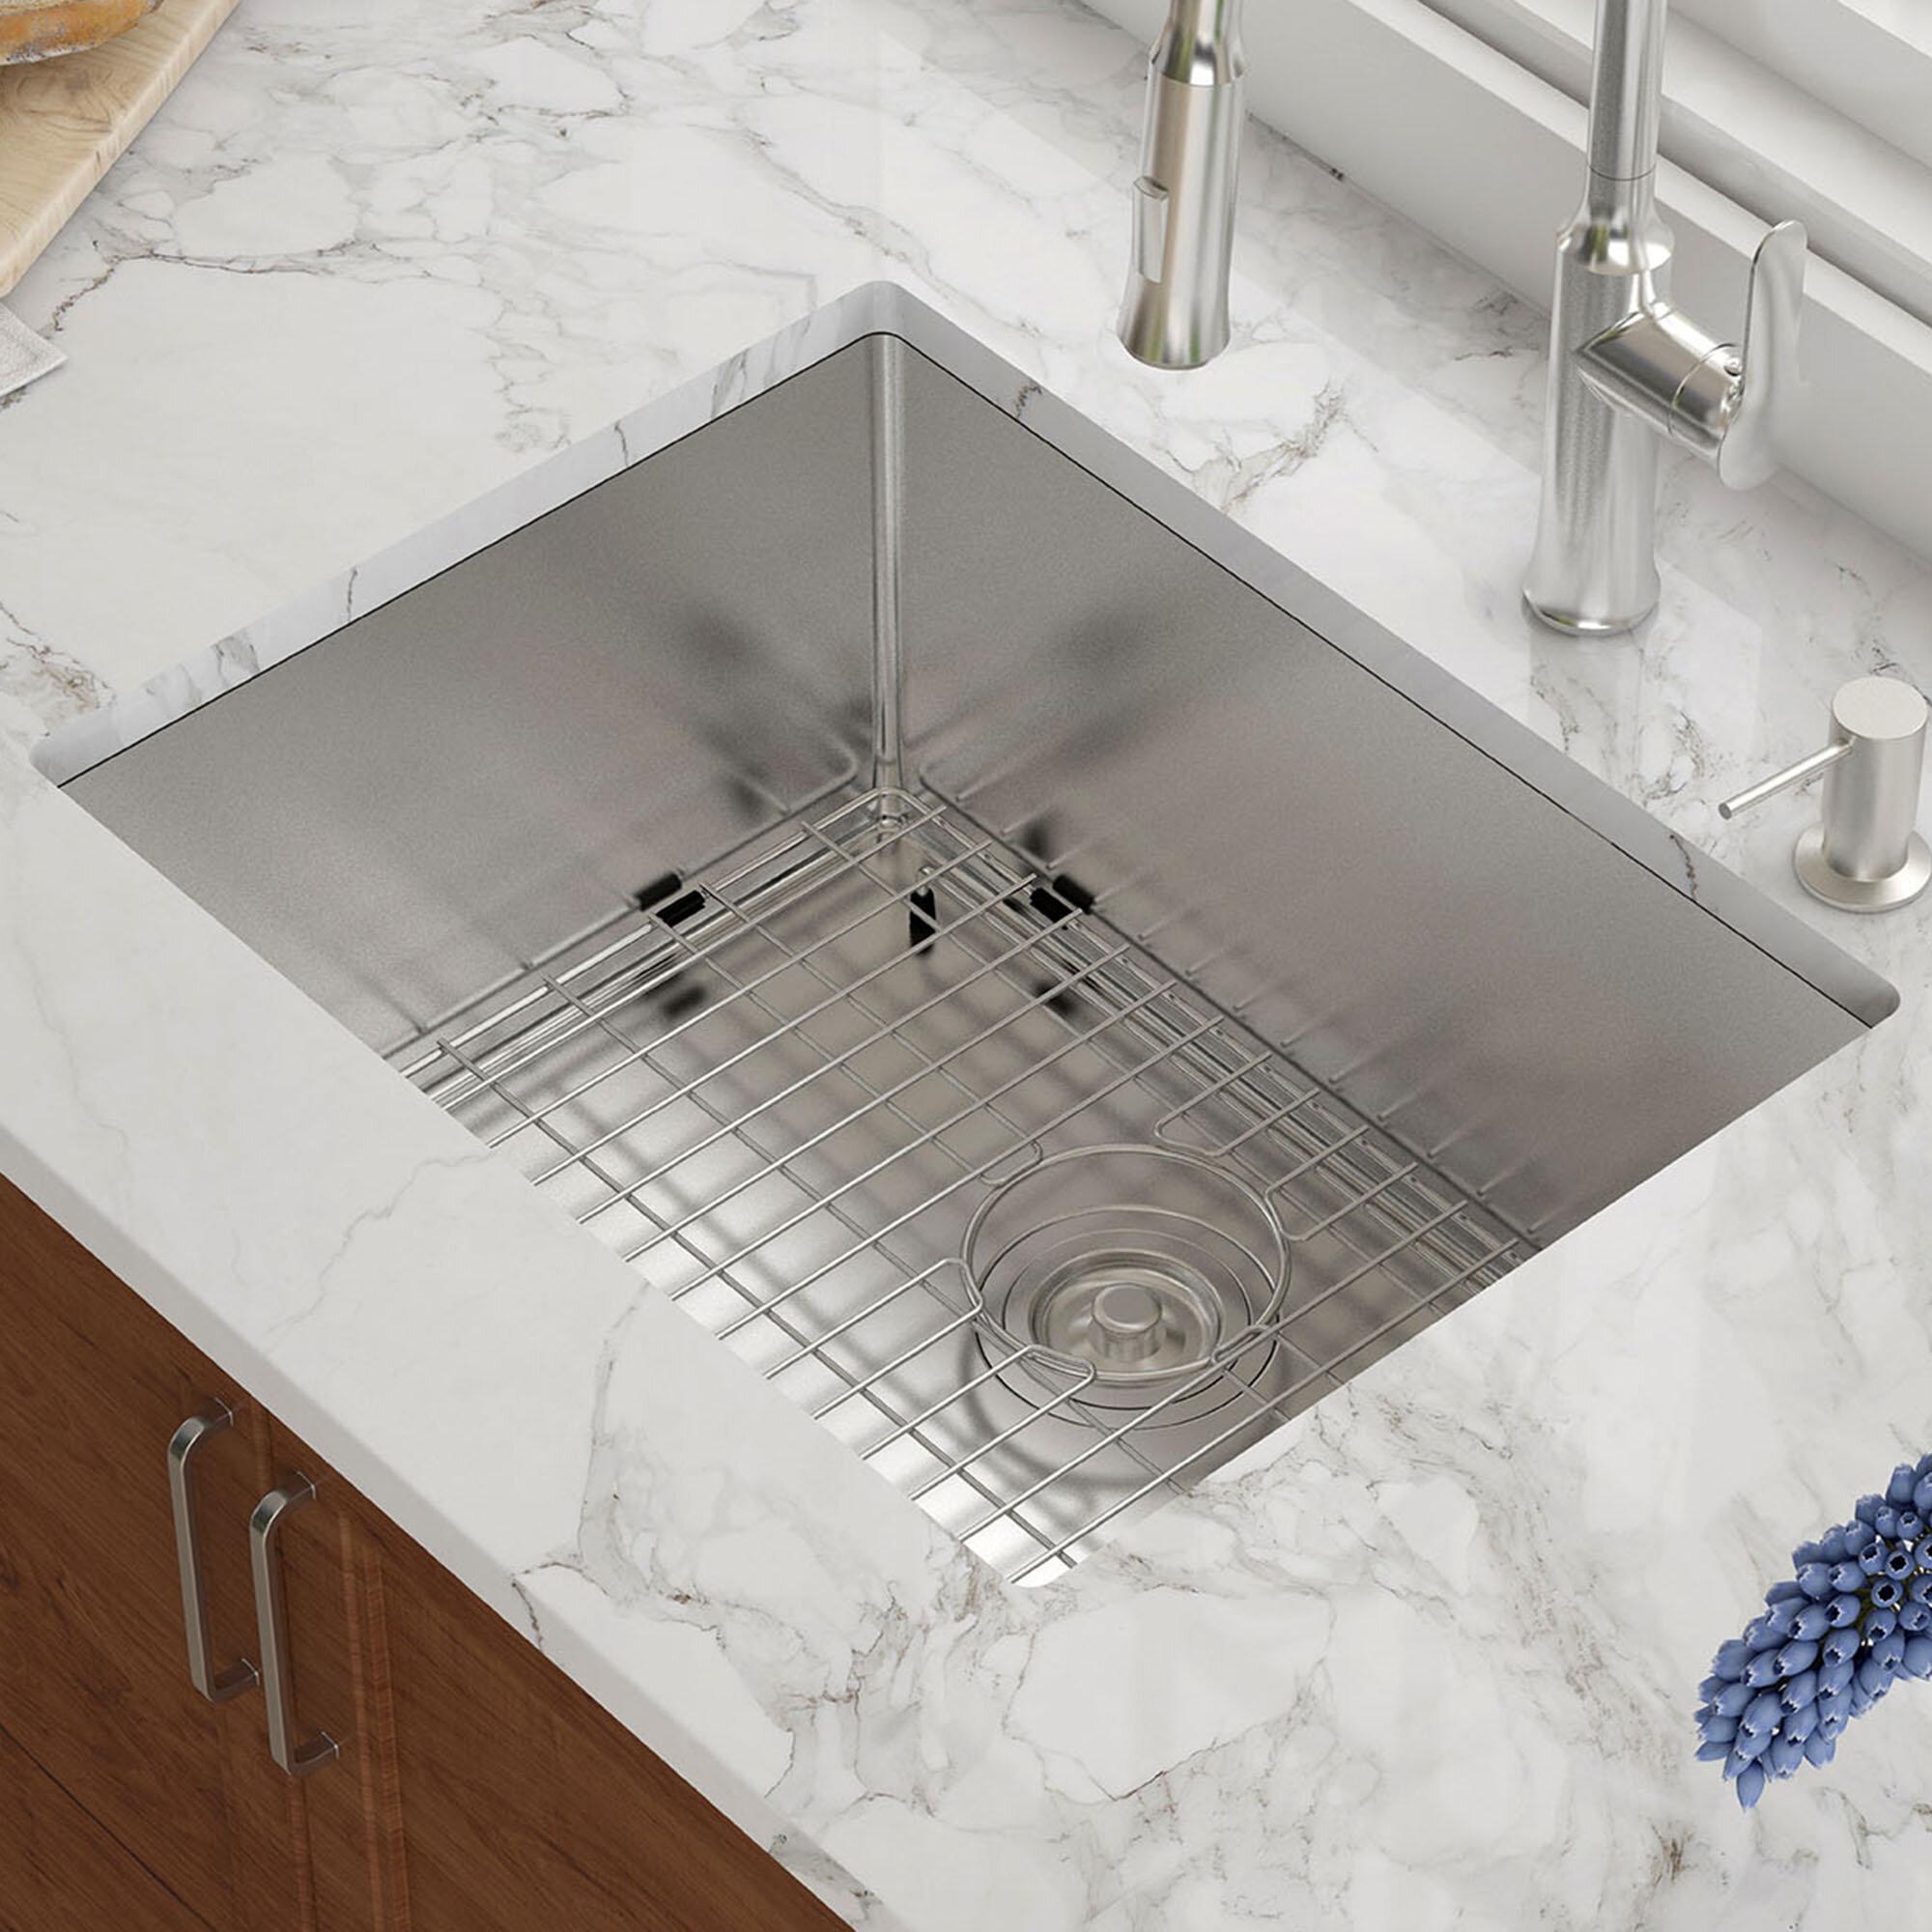 Khu101 23 kraus 23 l x 18 w undermount kitchen sink reviews wayfair